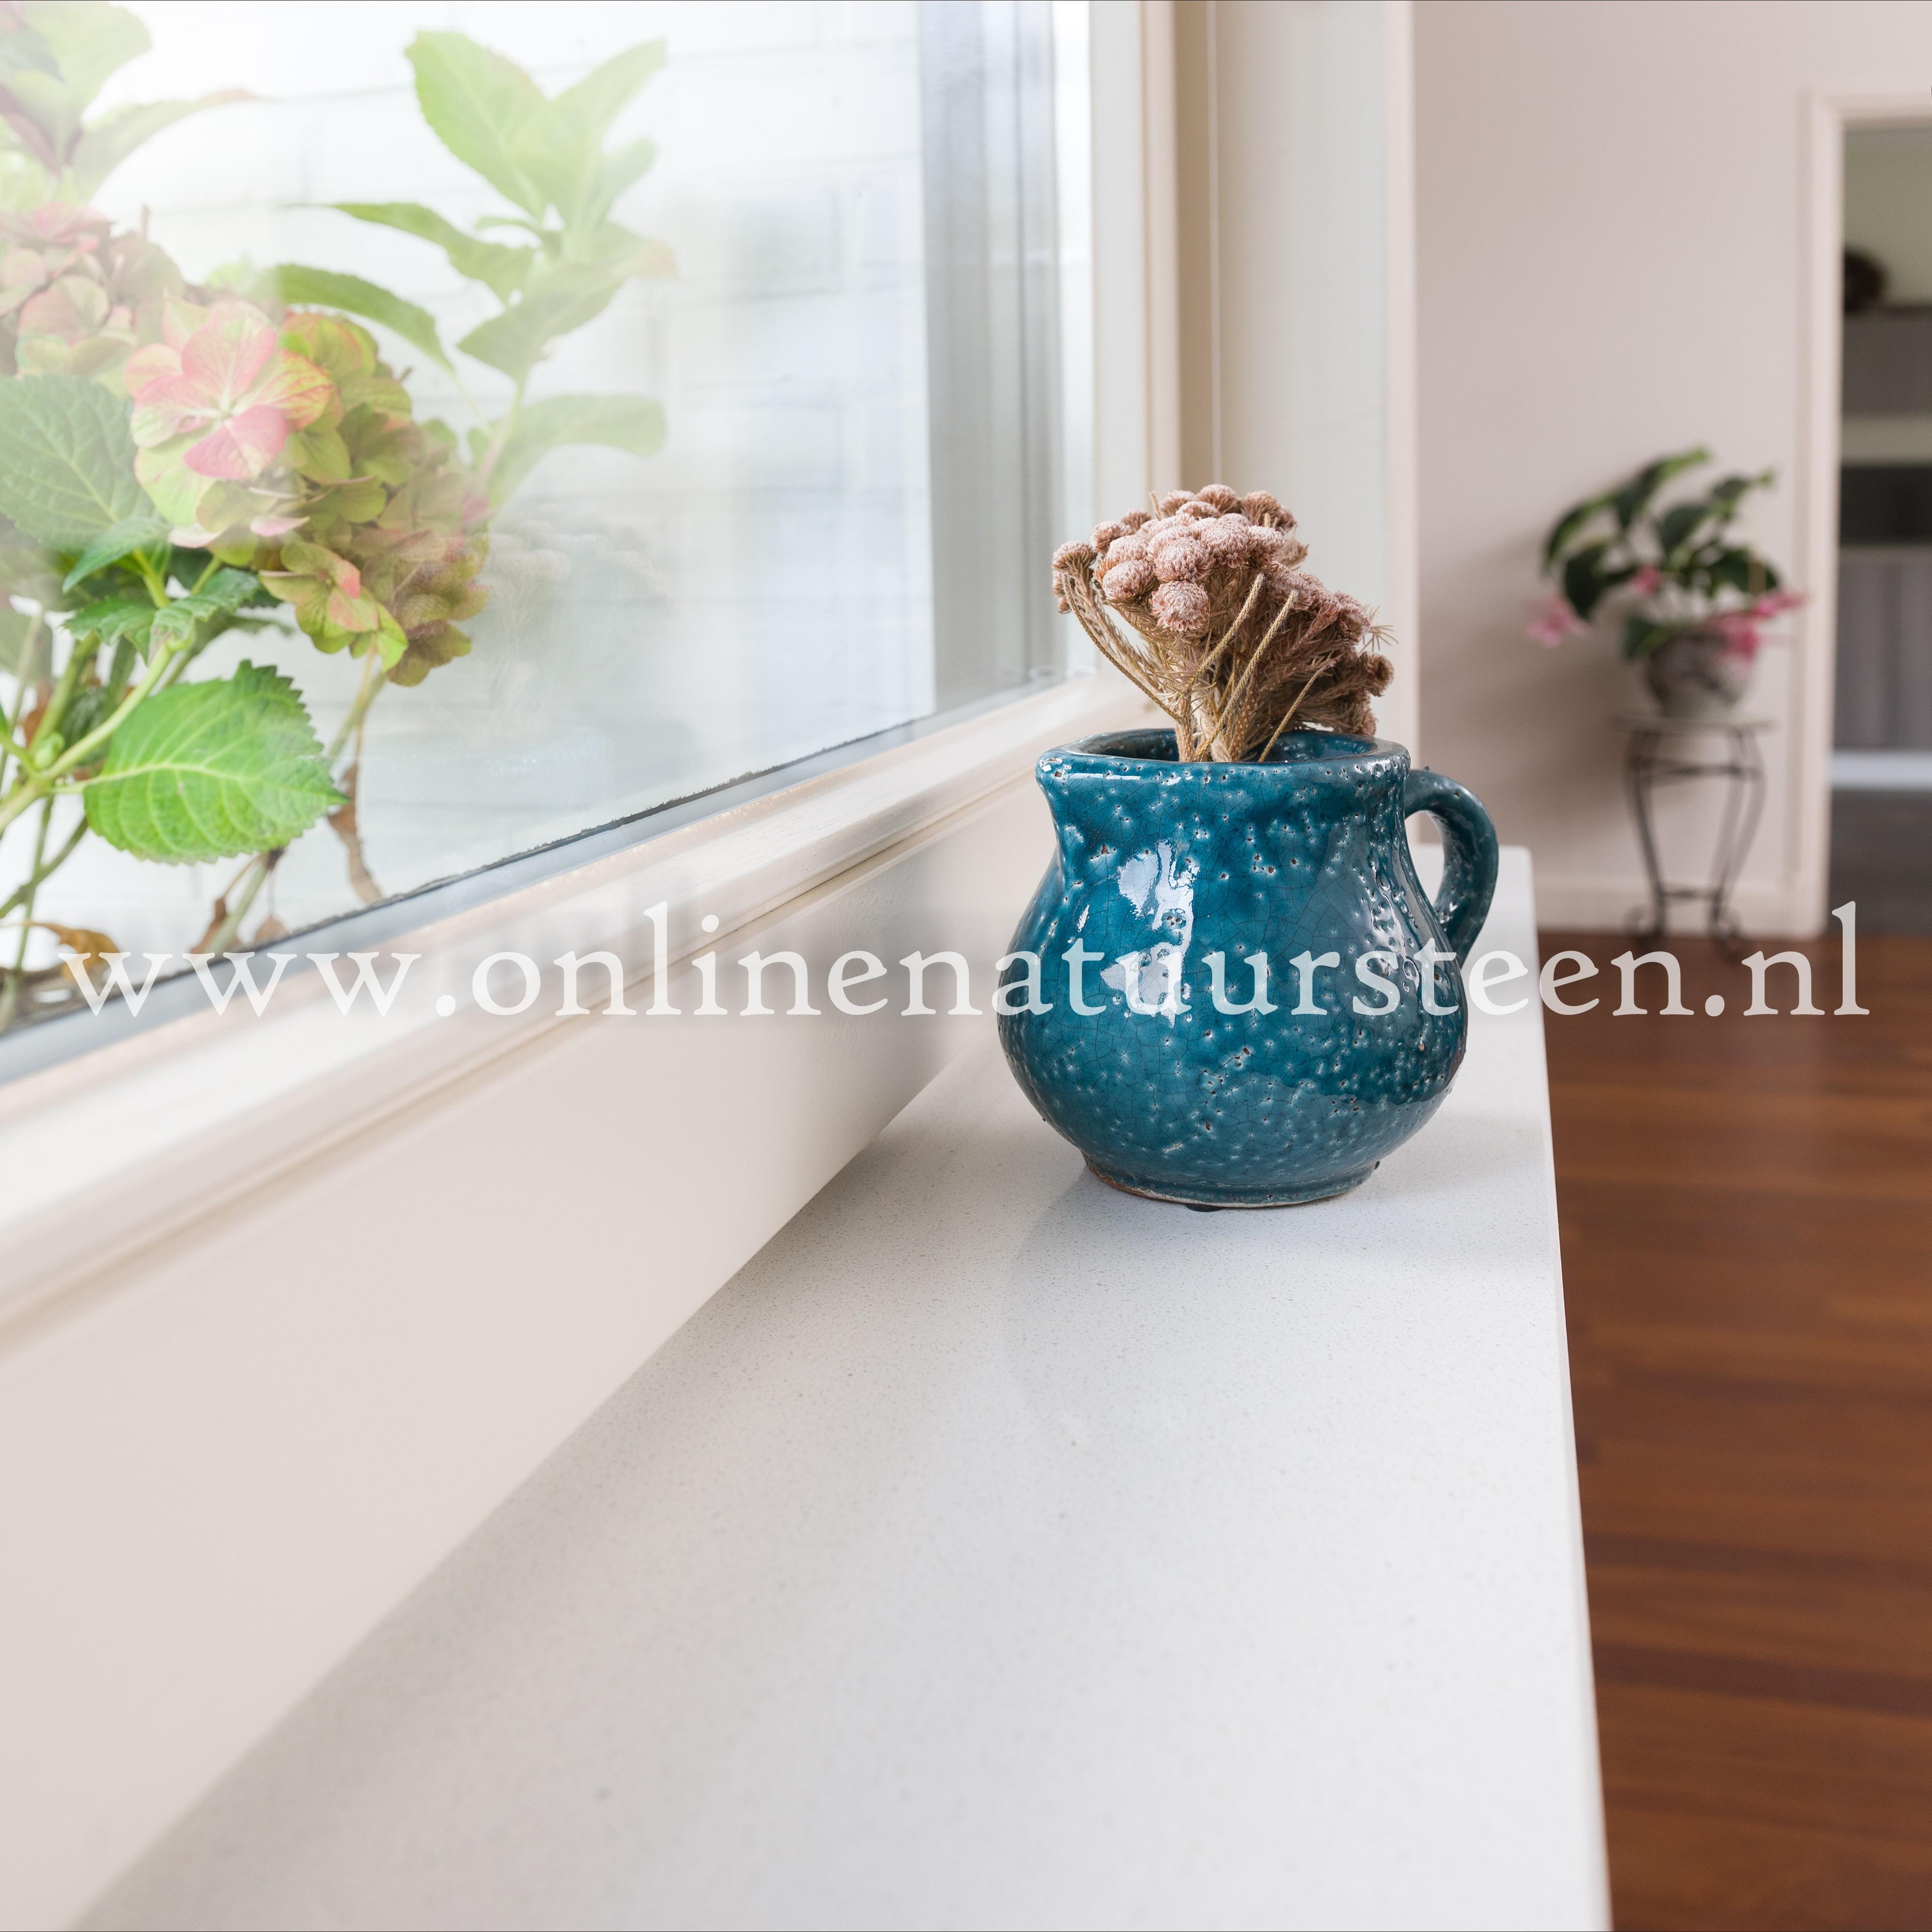 Online Natuursteen Marmercomposiet Bianco C 2 Cm